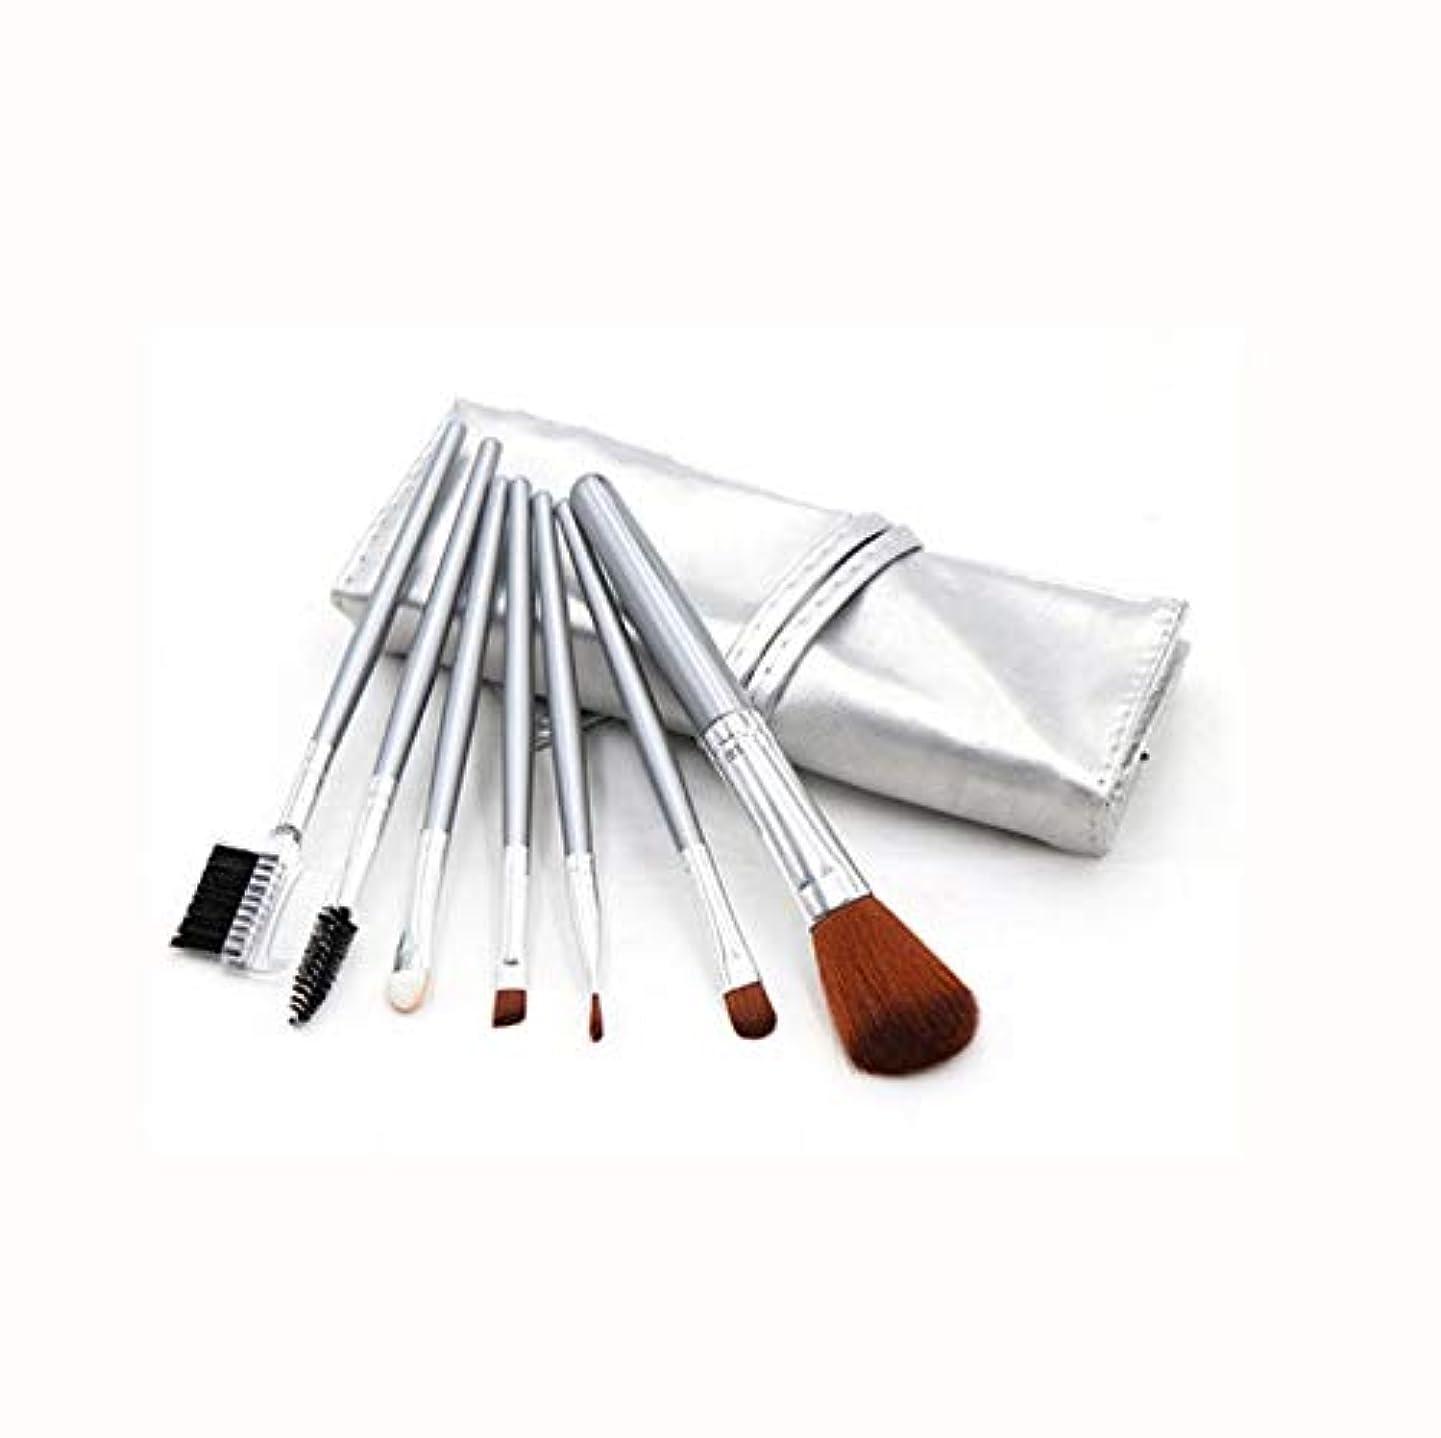 上昇湿気の多いに頼る化粧ブラシセット、シルバー7化粧ブラシ化粧ブラシセットアイシャドウブラシリップブラシ美容化粧道具